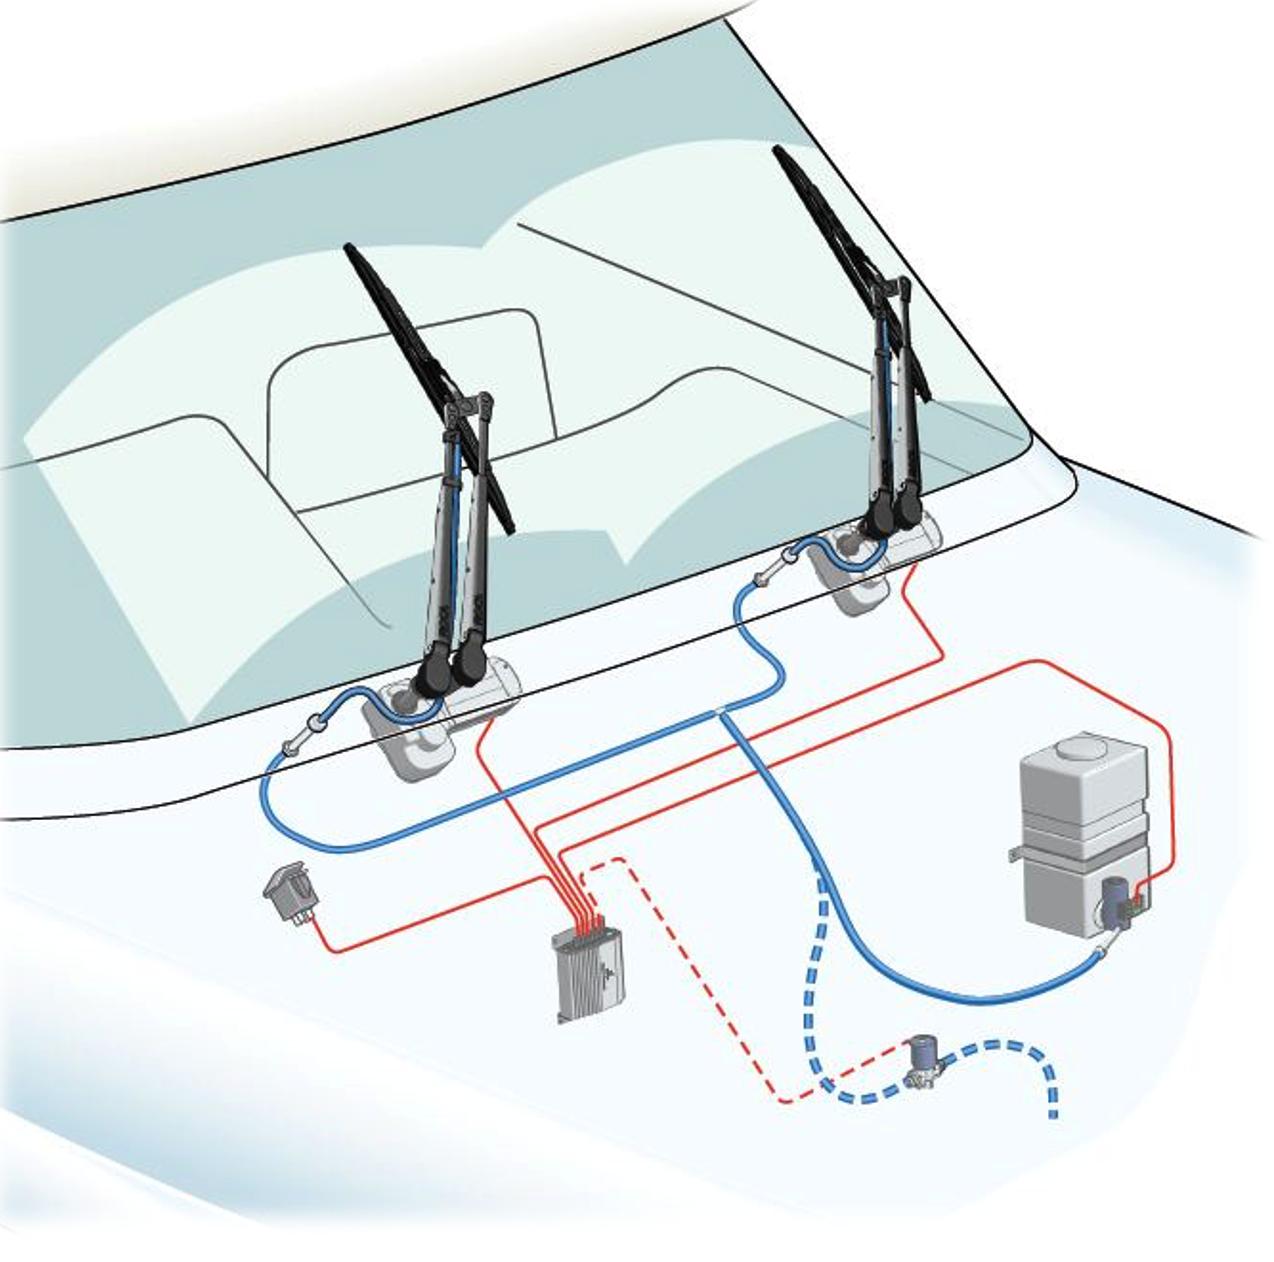 wiper-system-skiss